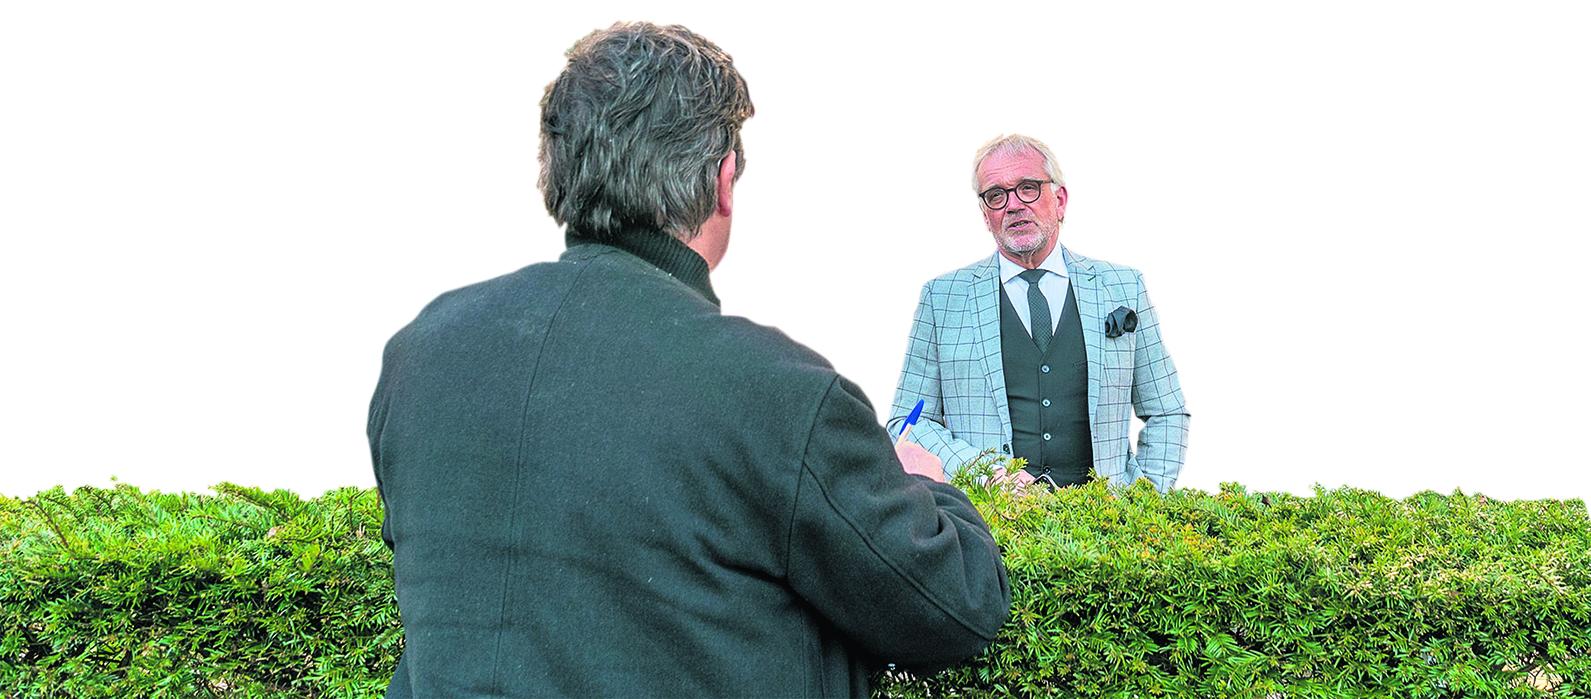 Burgemeester van Alkmaar: 'Mensen moeten meewerken. Daar zijn we volledig van afhankelijk. Dit is geen politiestaat'